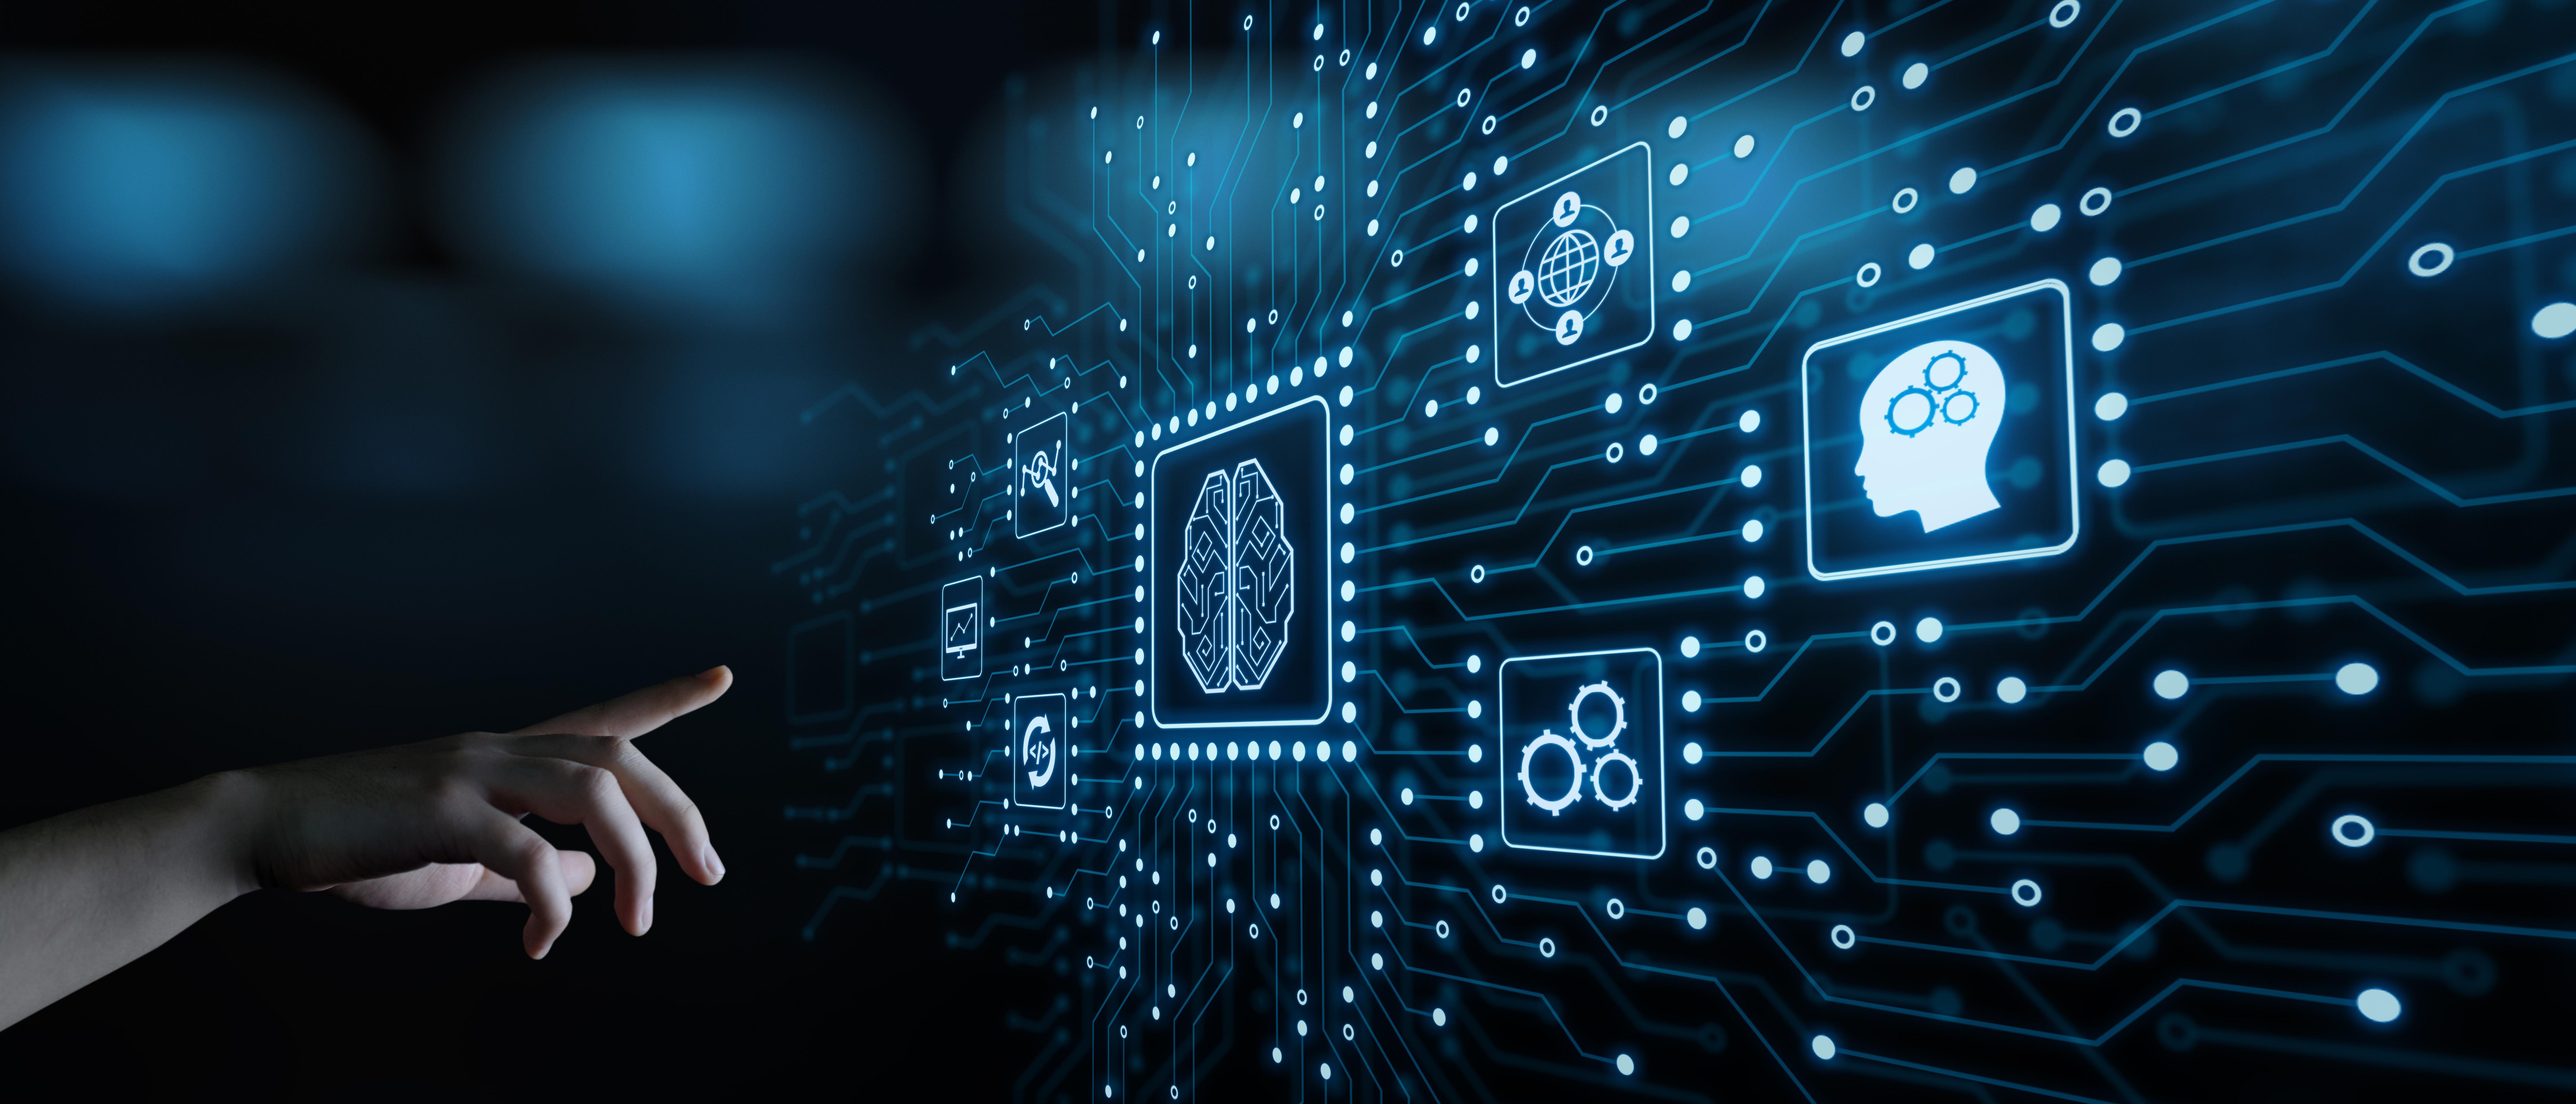 Topp strategiske teknologi-trender